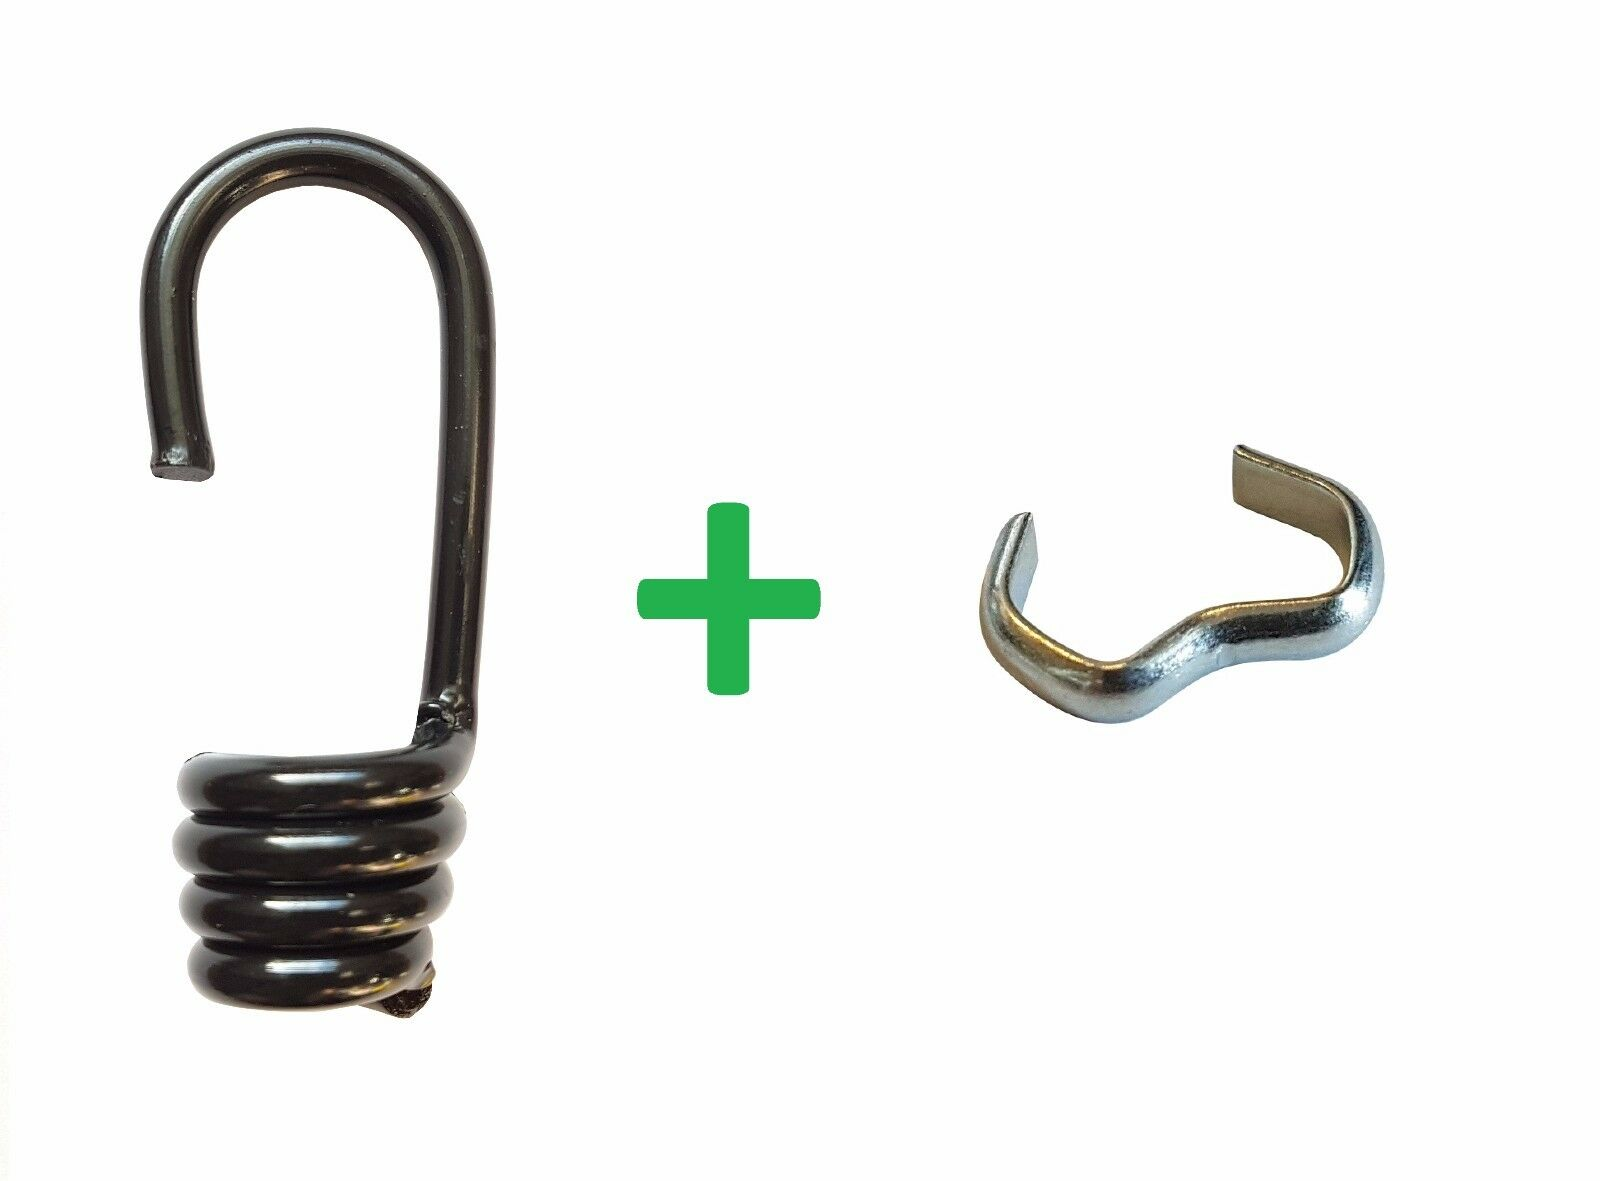 100 Spiralhaken + + + Seilklemme Gummiseil Expanderseil 6-10mm Gummi Leine Seil LKW 36bb59